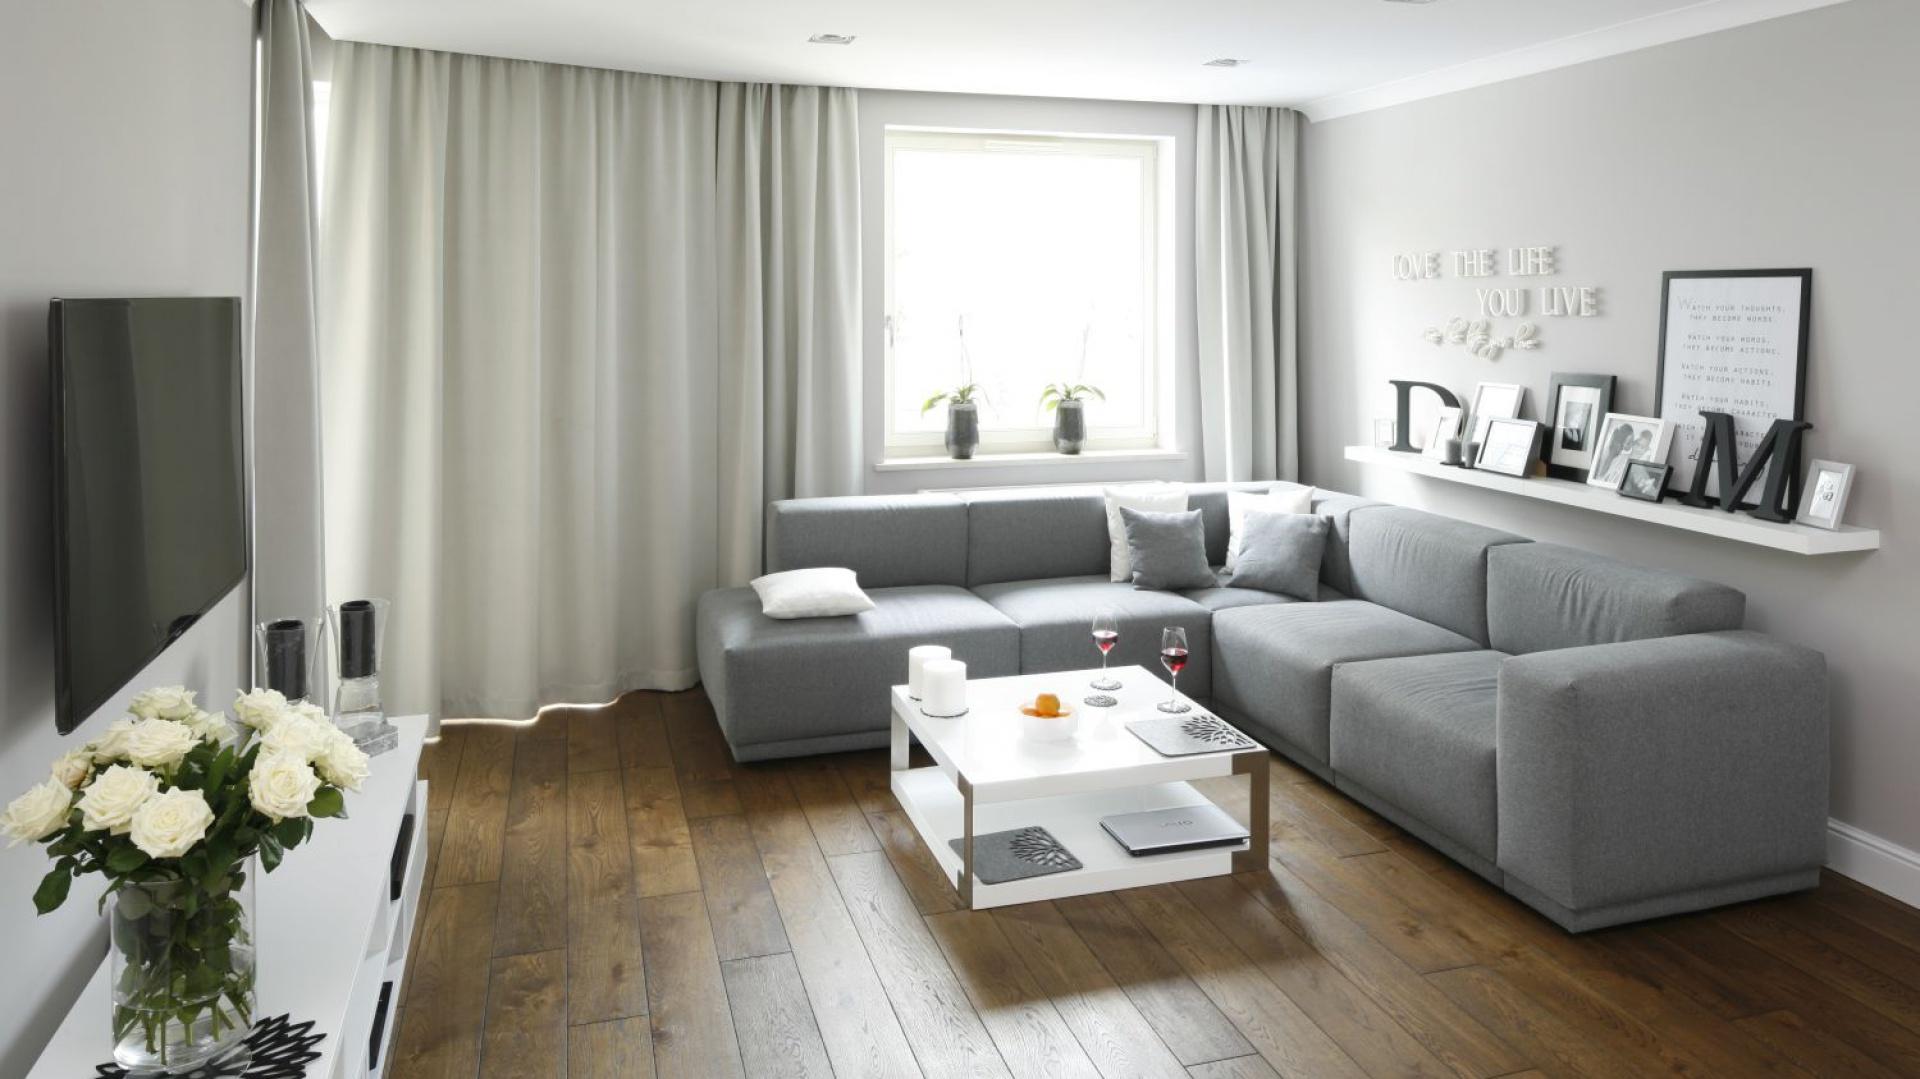 Wystrój wnętrza jest schludny, ale nie zimny. Przytulności pomieszczeniom dodają tekstylia w oknach i tapicerowane meble. Projekt: Karolina Łuczyńska. Fot. Bartosz Jarosz.